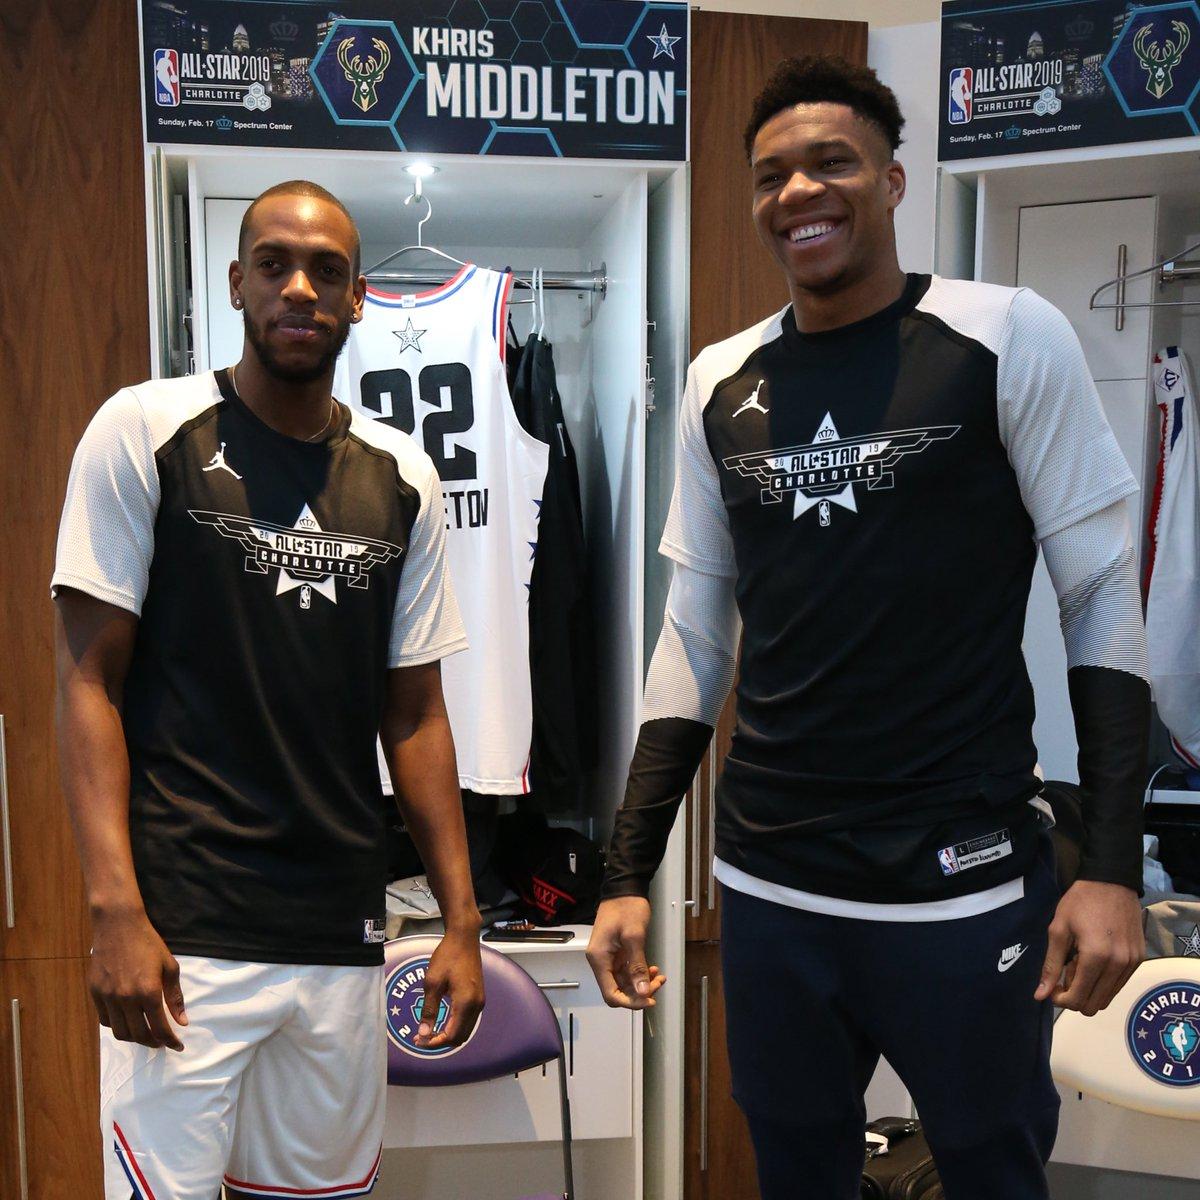 #TeamGiannis teammates. Milwaukee brothers.   #Giannis | #KhrisMiddleton | #NBAAllStar